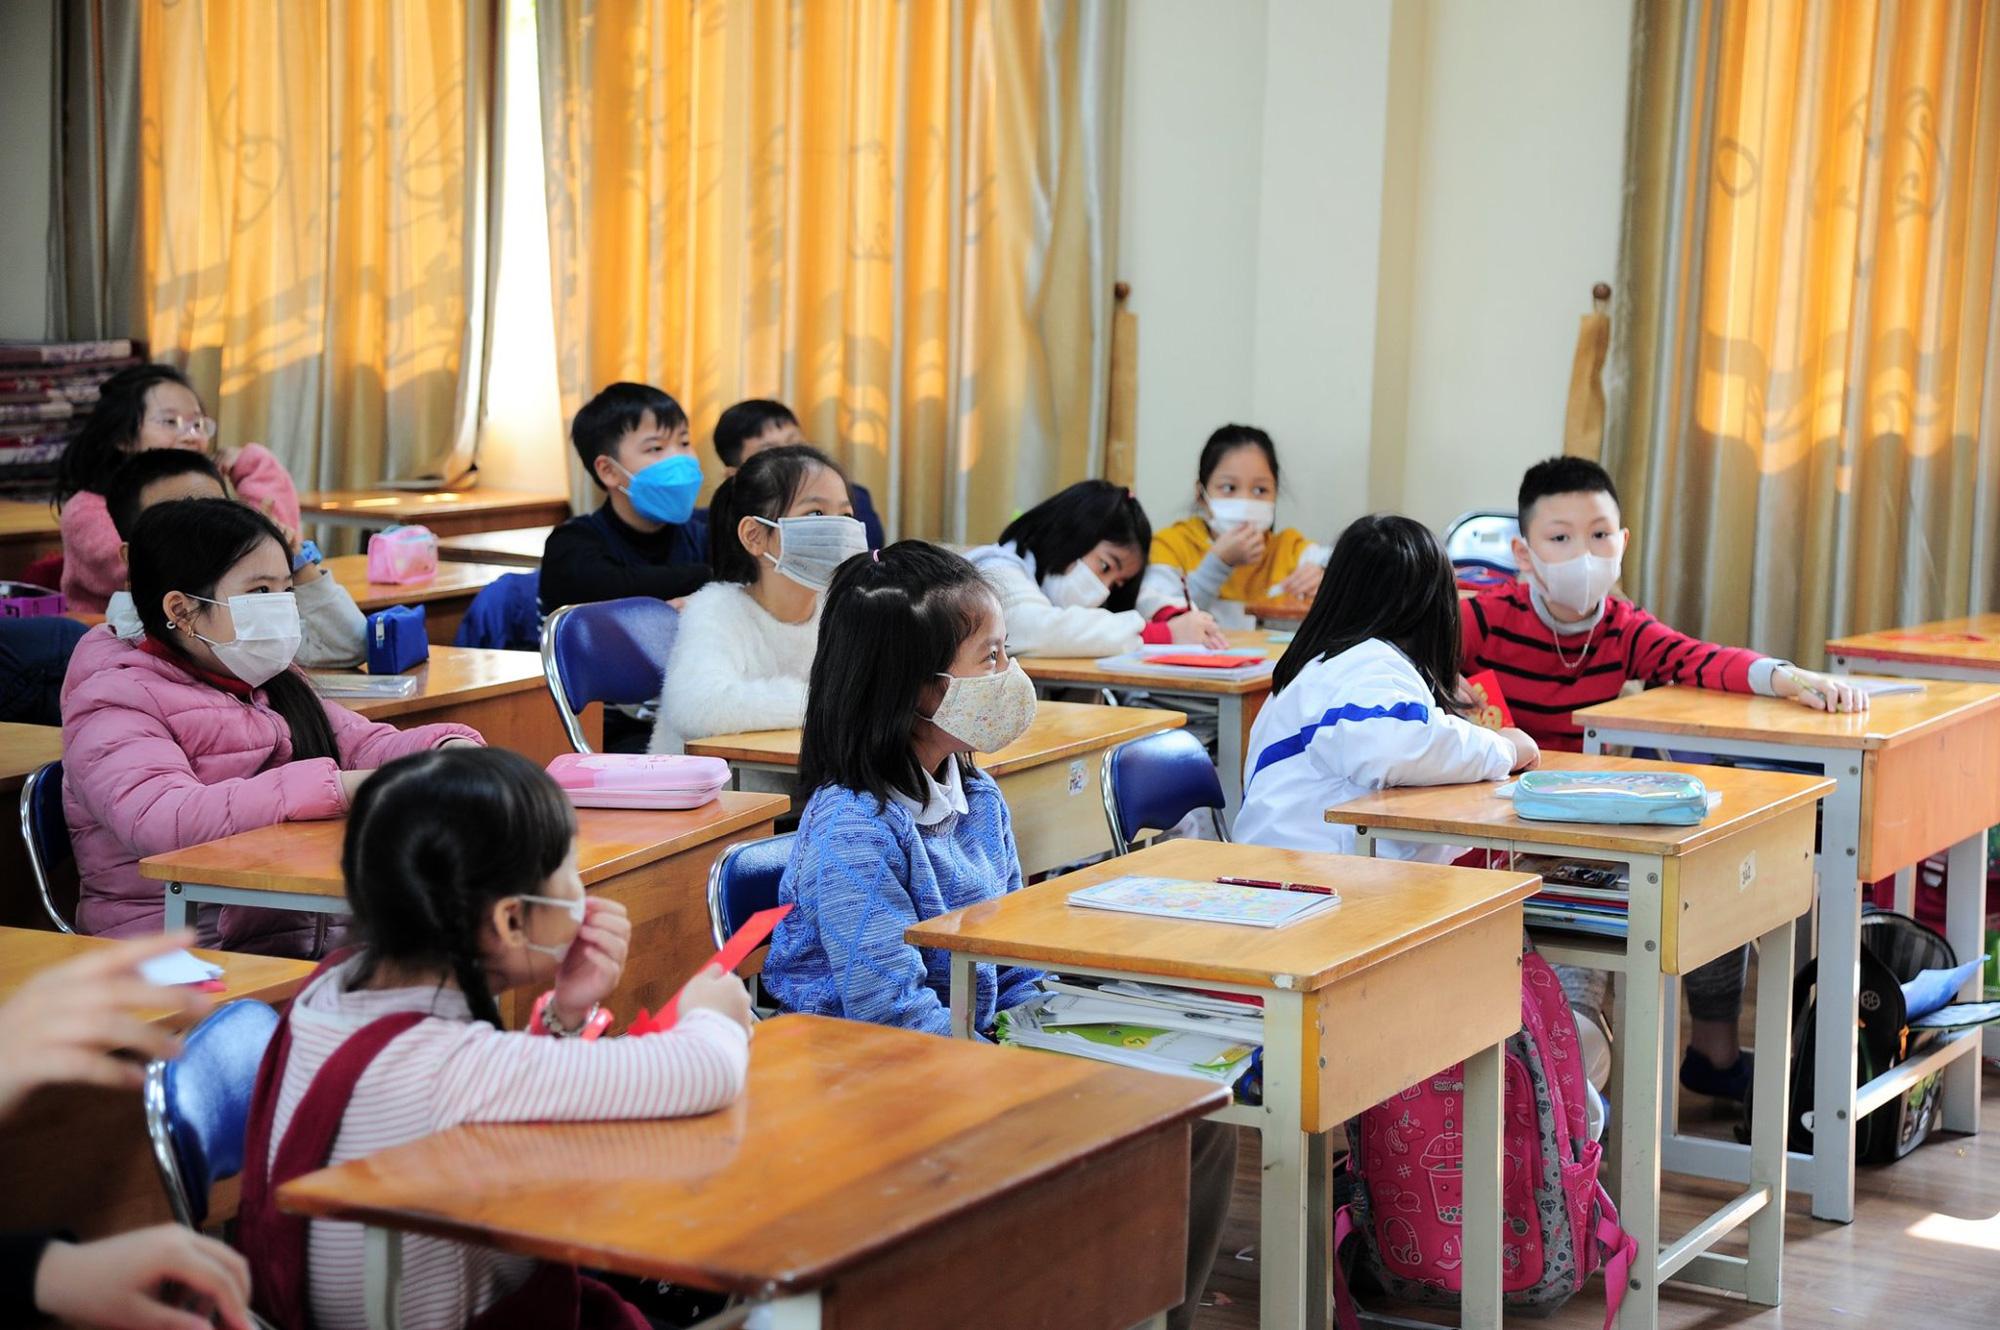 Trước thông tin phát hiện thêm trường hợp nhiễm virus Corona, một trường học ở Hà Nội yêu cầu 100% học sinh đeo khẩu trang đến lớp - Ảnh 2.